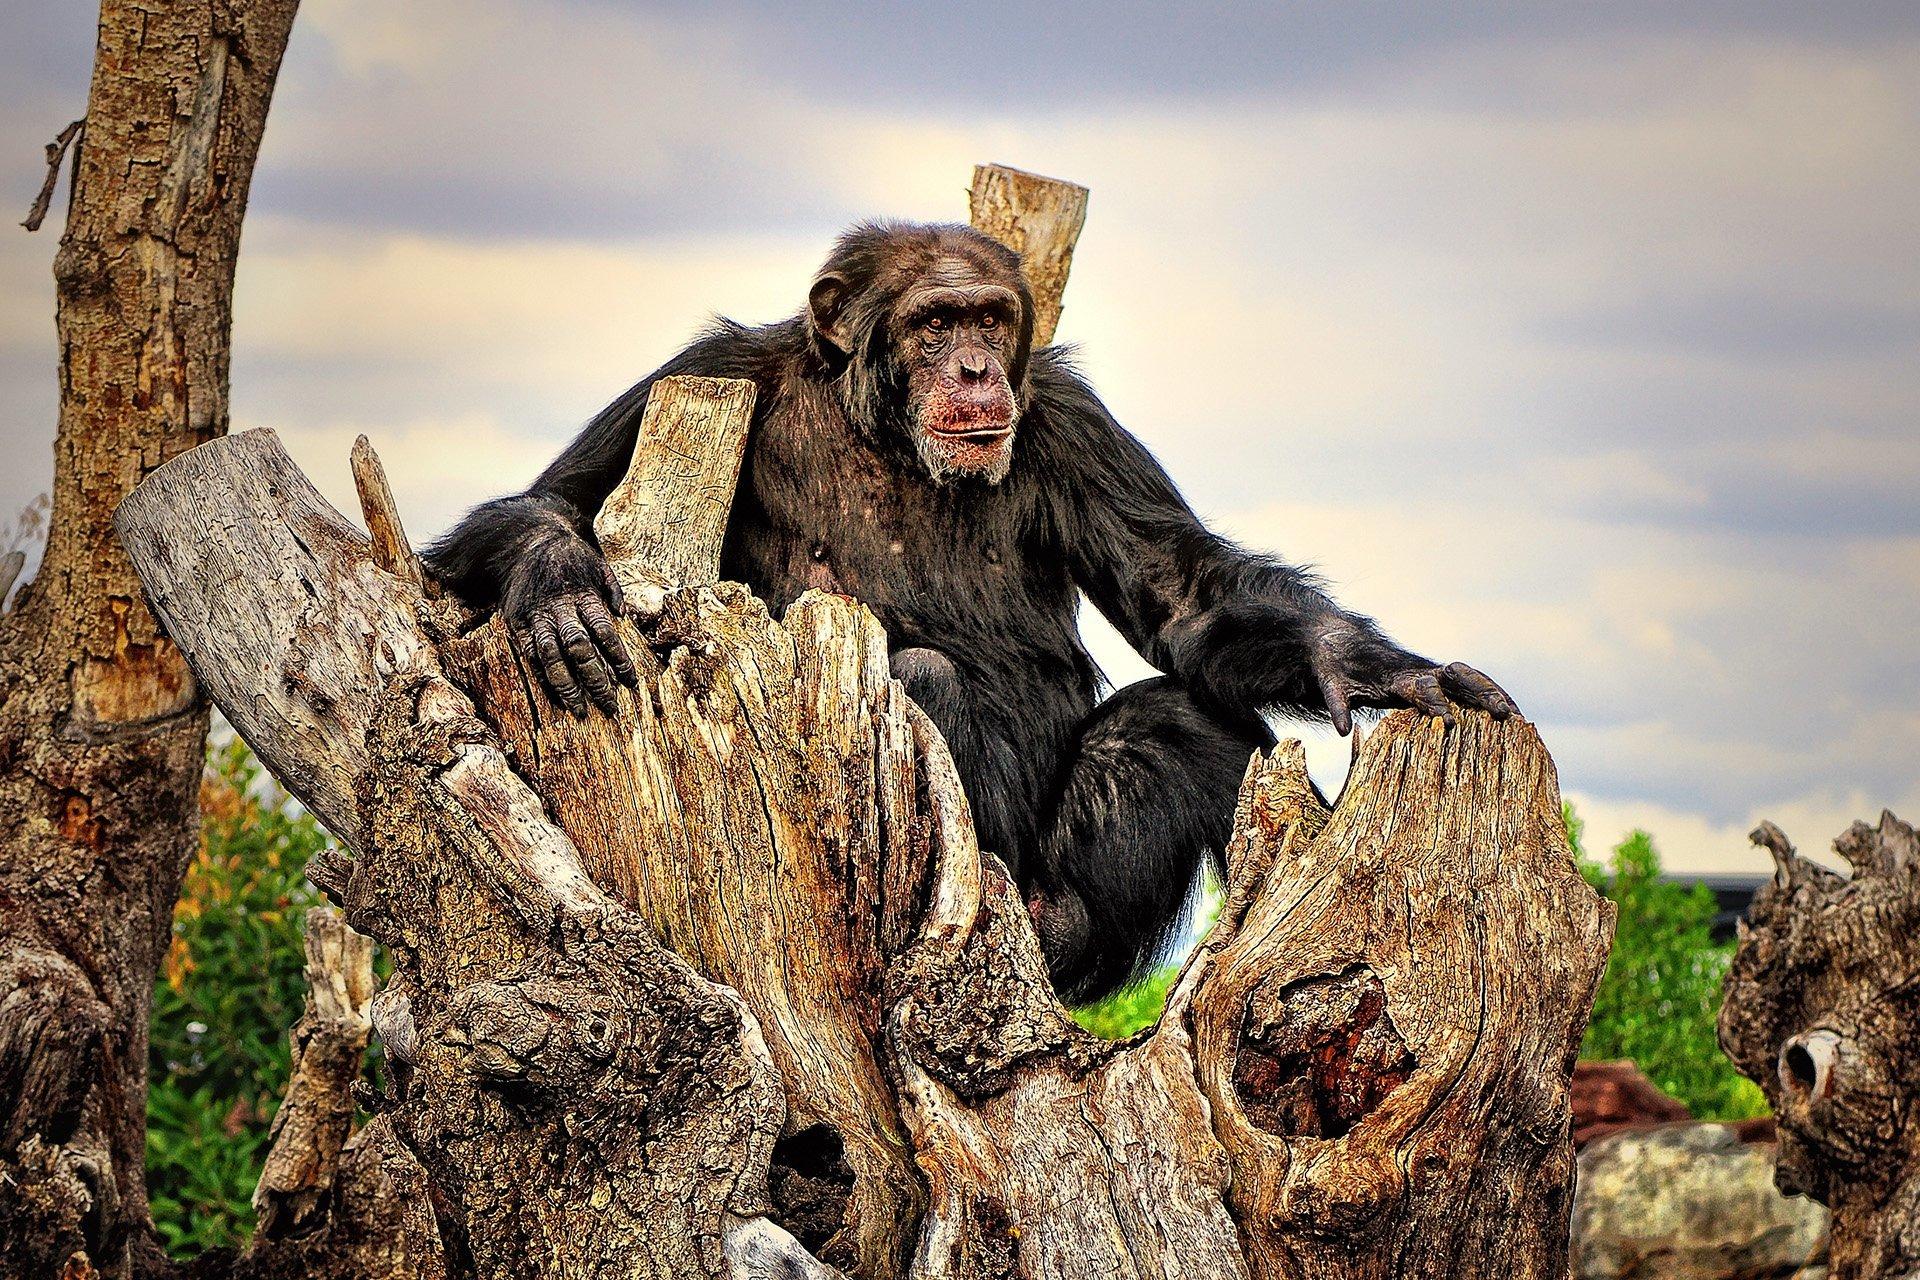 şempanze fotoğrafı